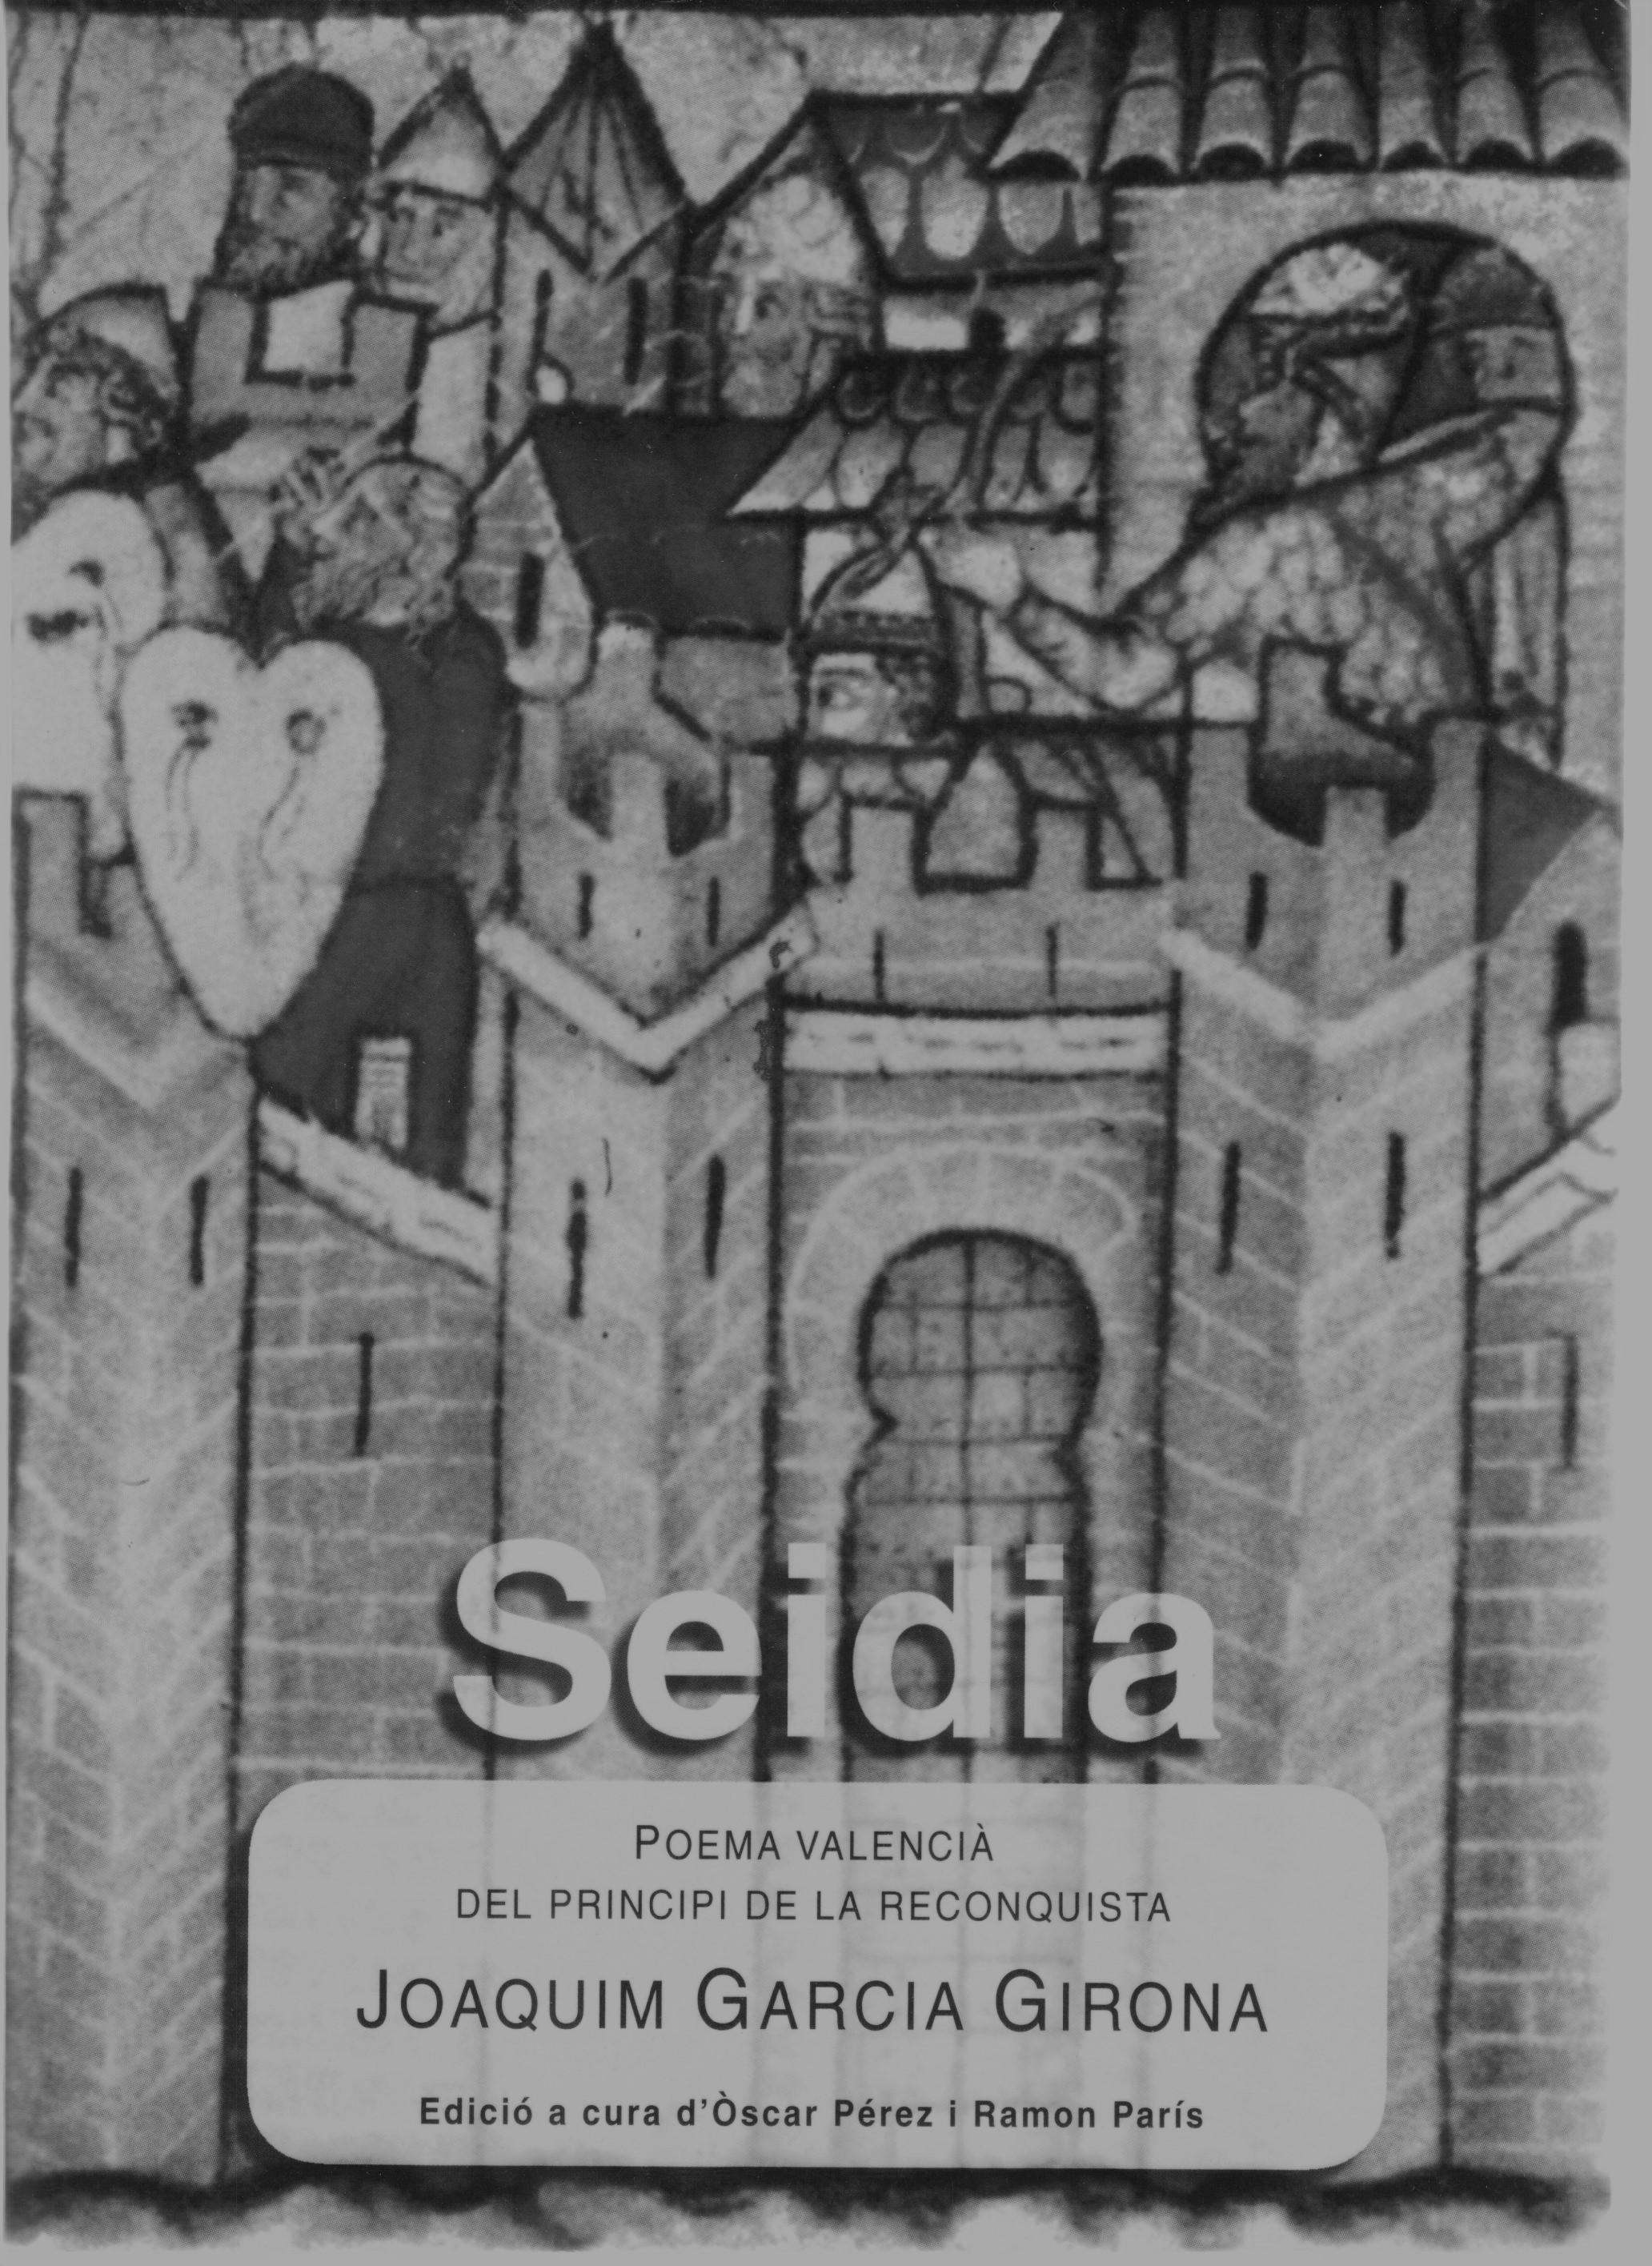 Cent anys del Seidia, obra cabdal i coral - Revista Saó